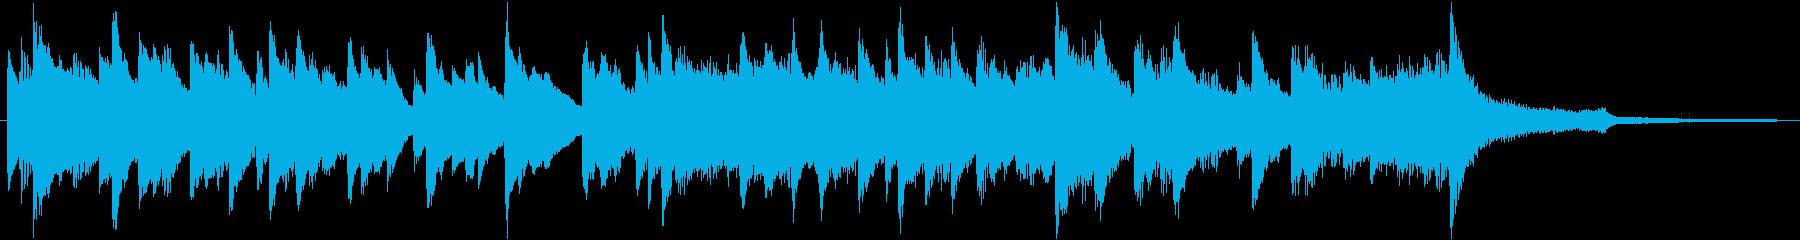 爽やかなピアノソロのBGMの再生済みの波形